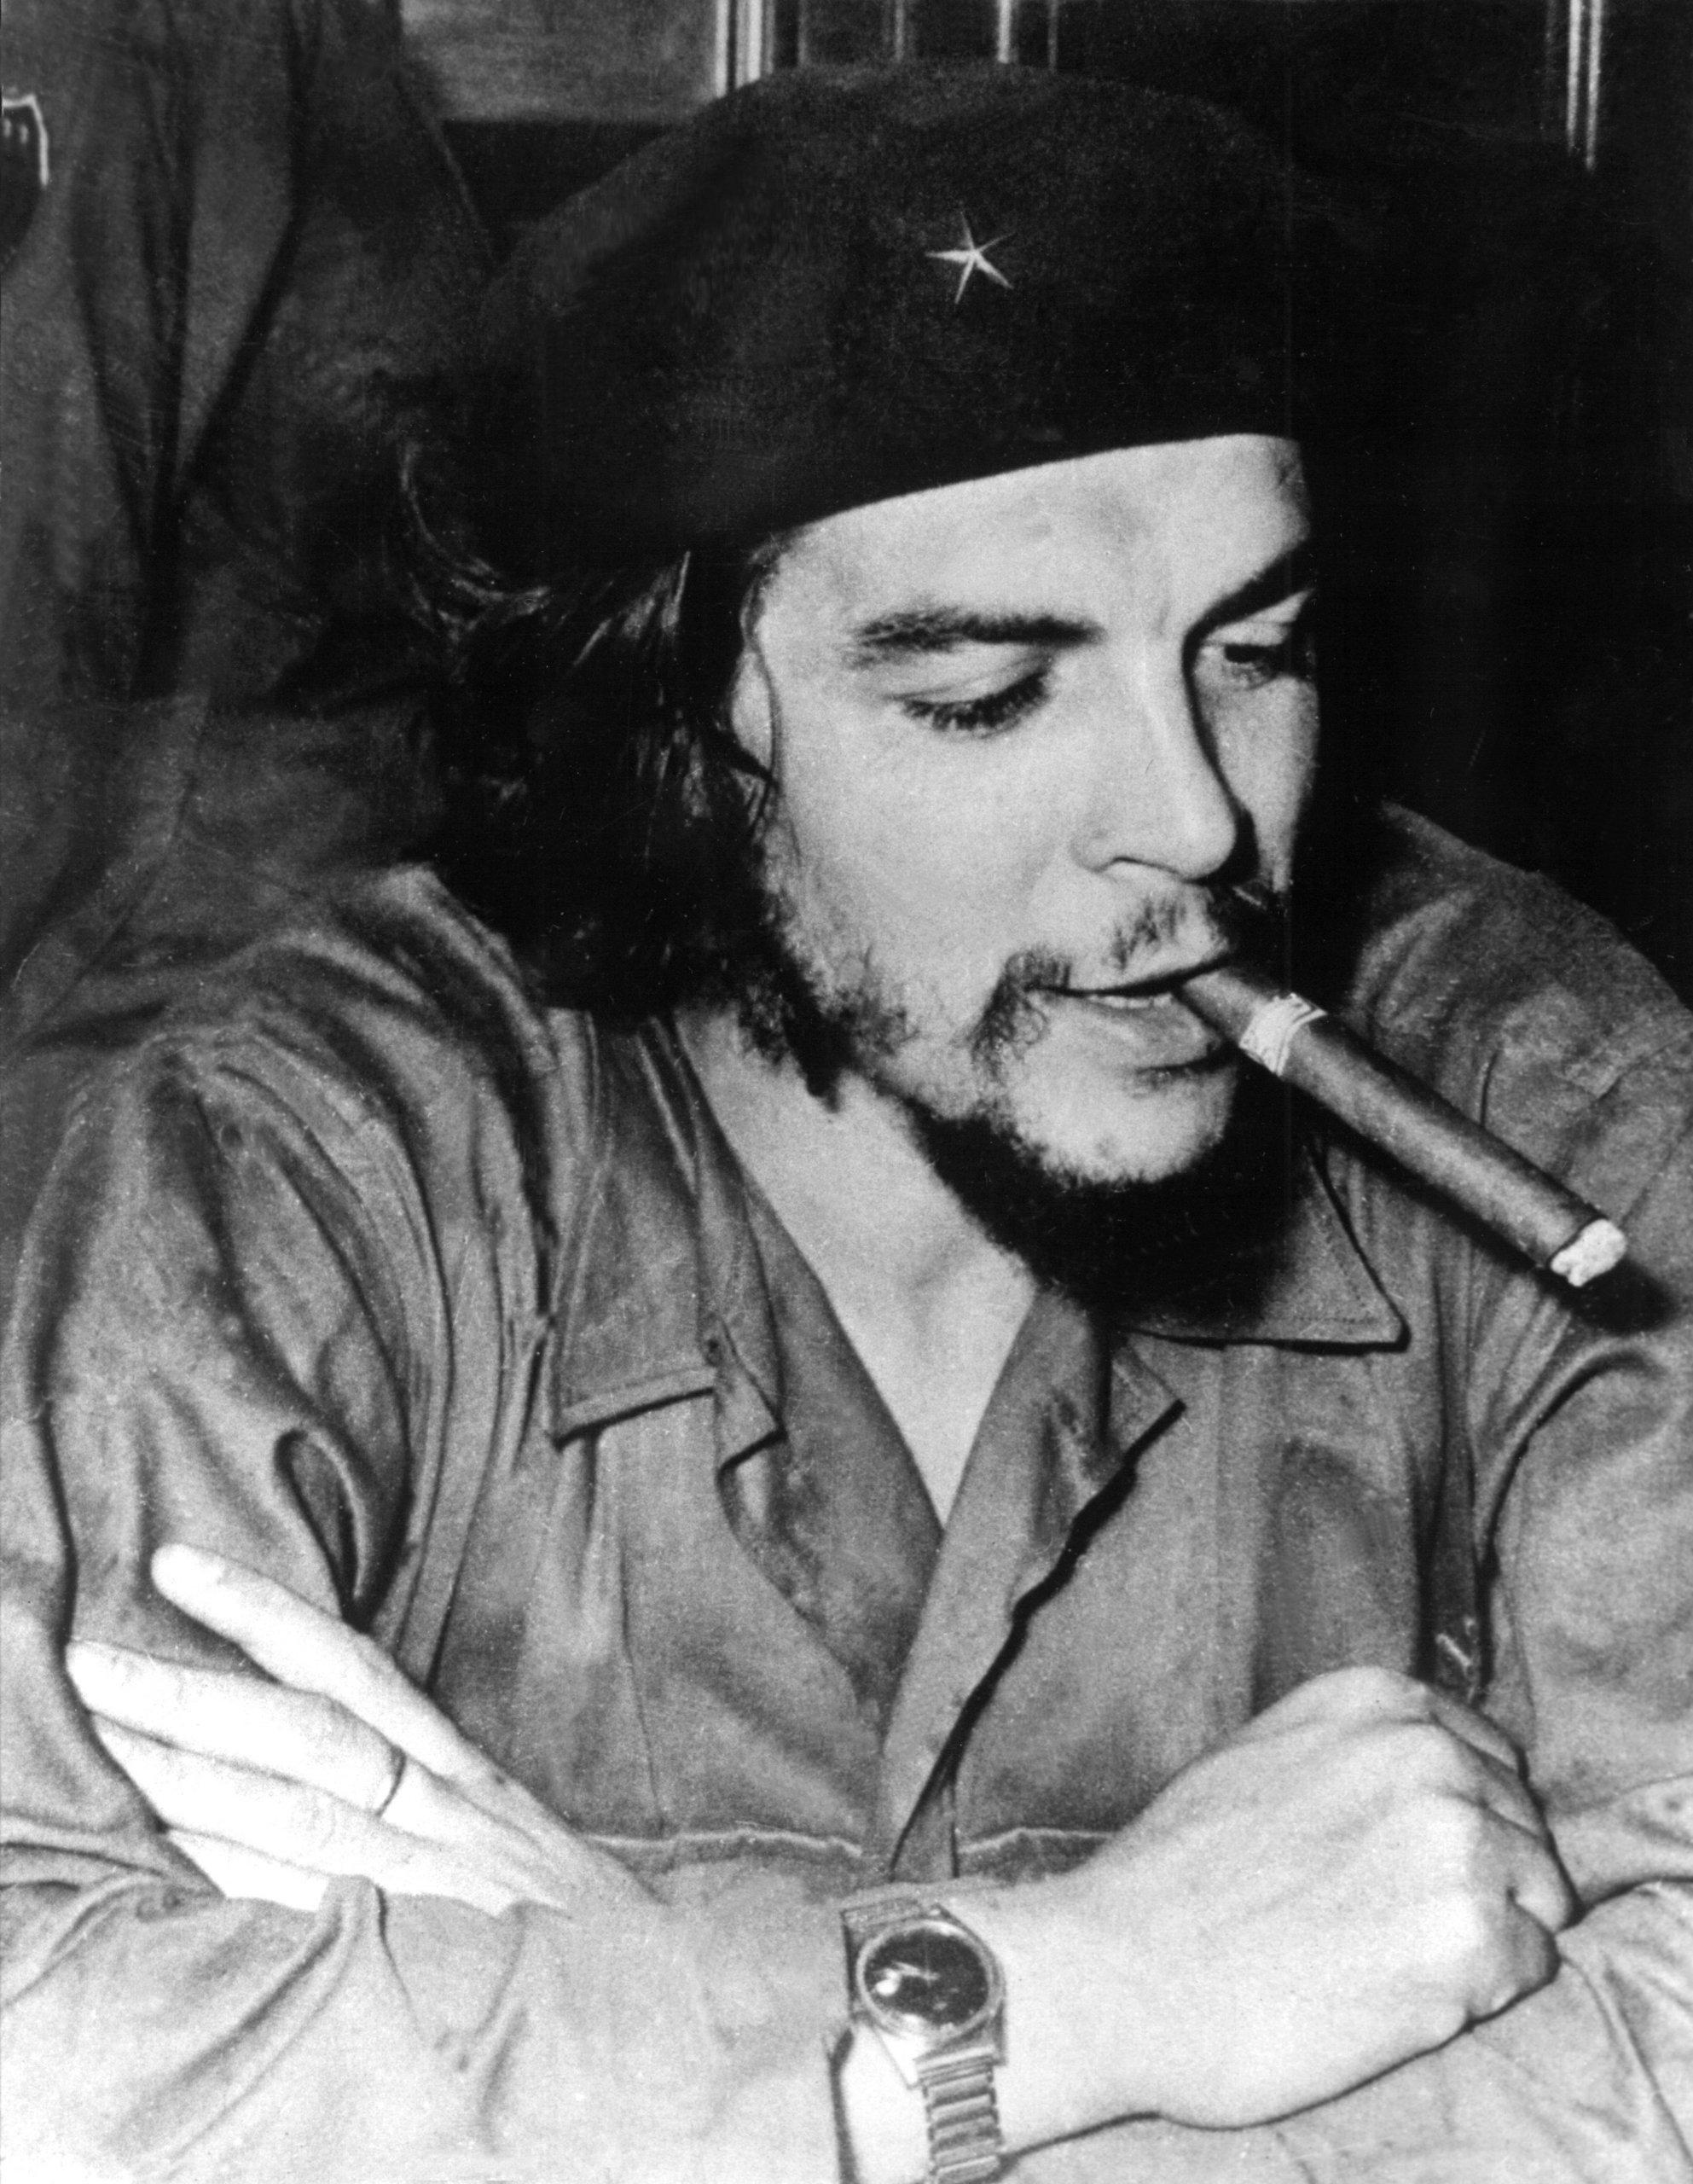 che - Che Guevara Photo (21468924) - Fanpop